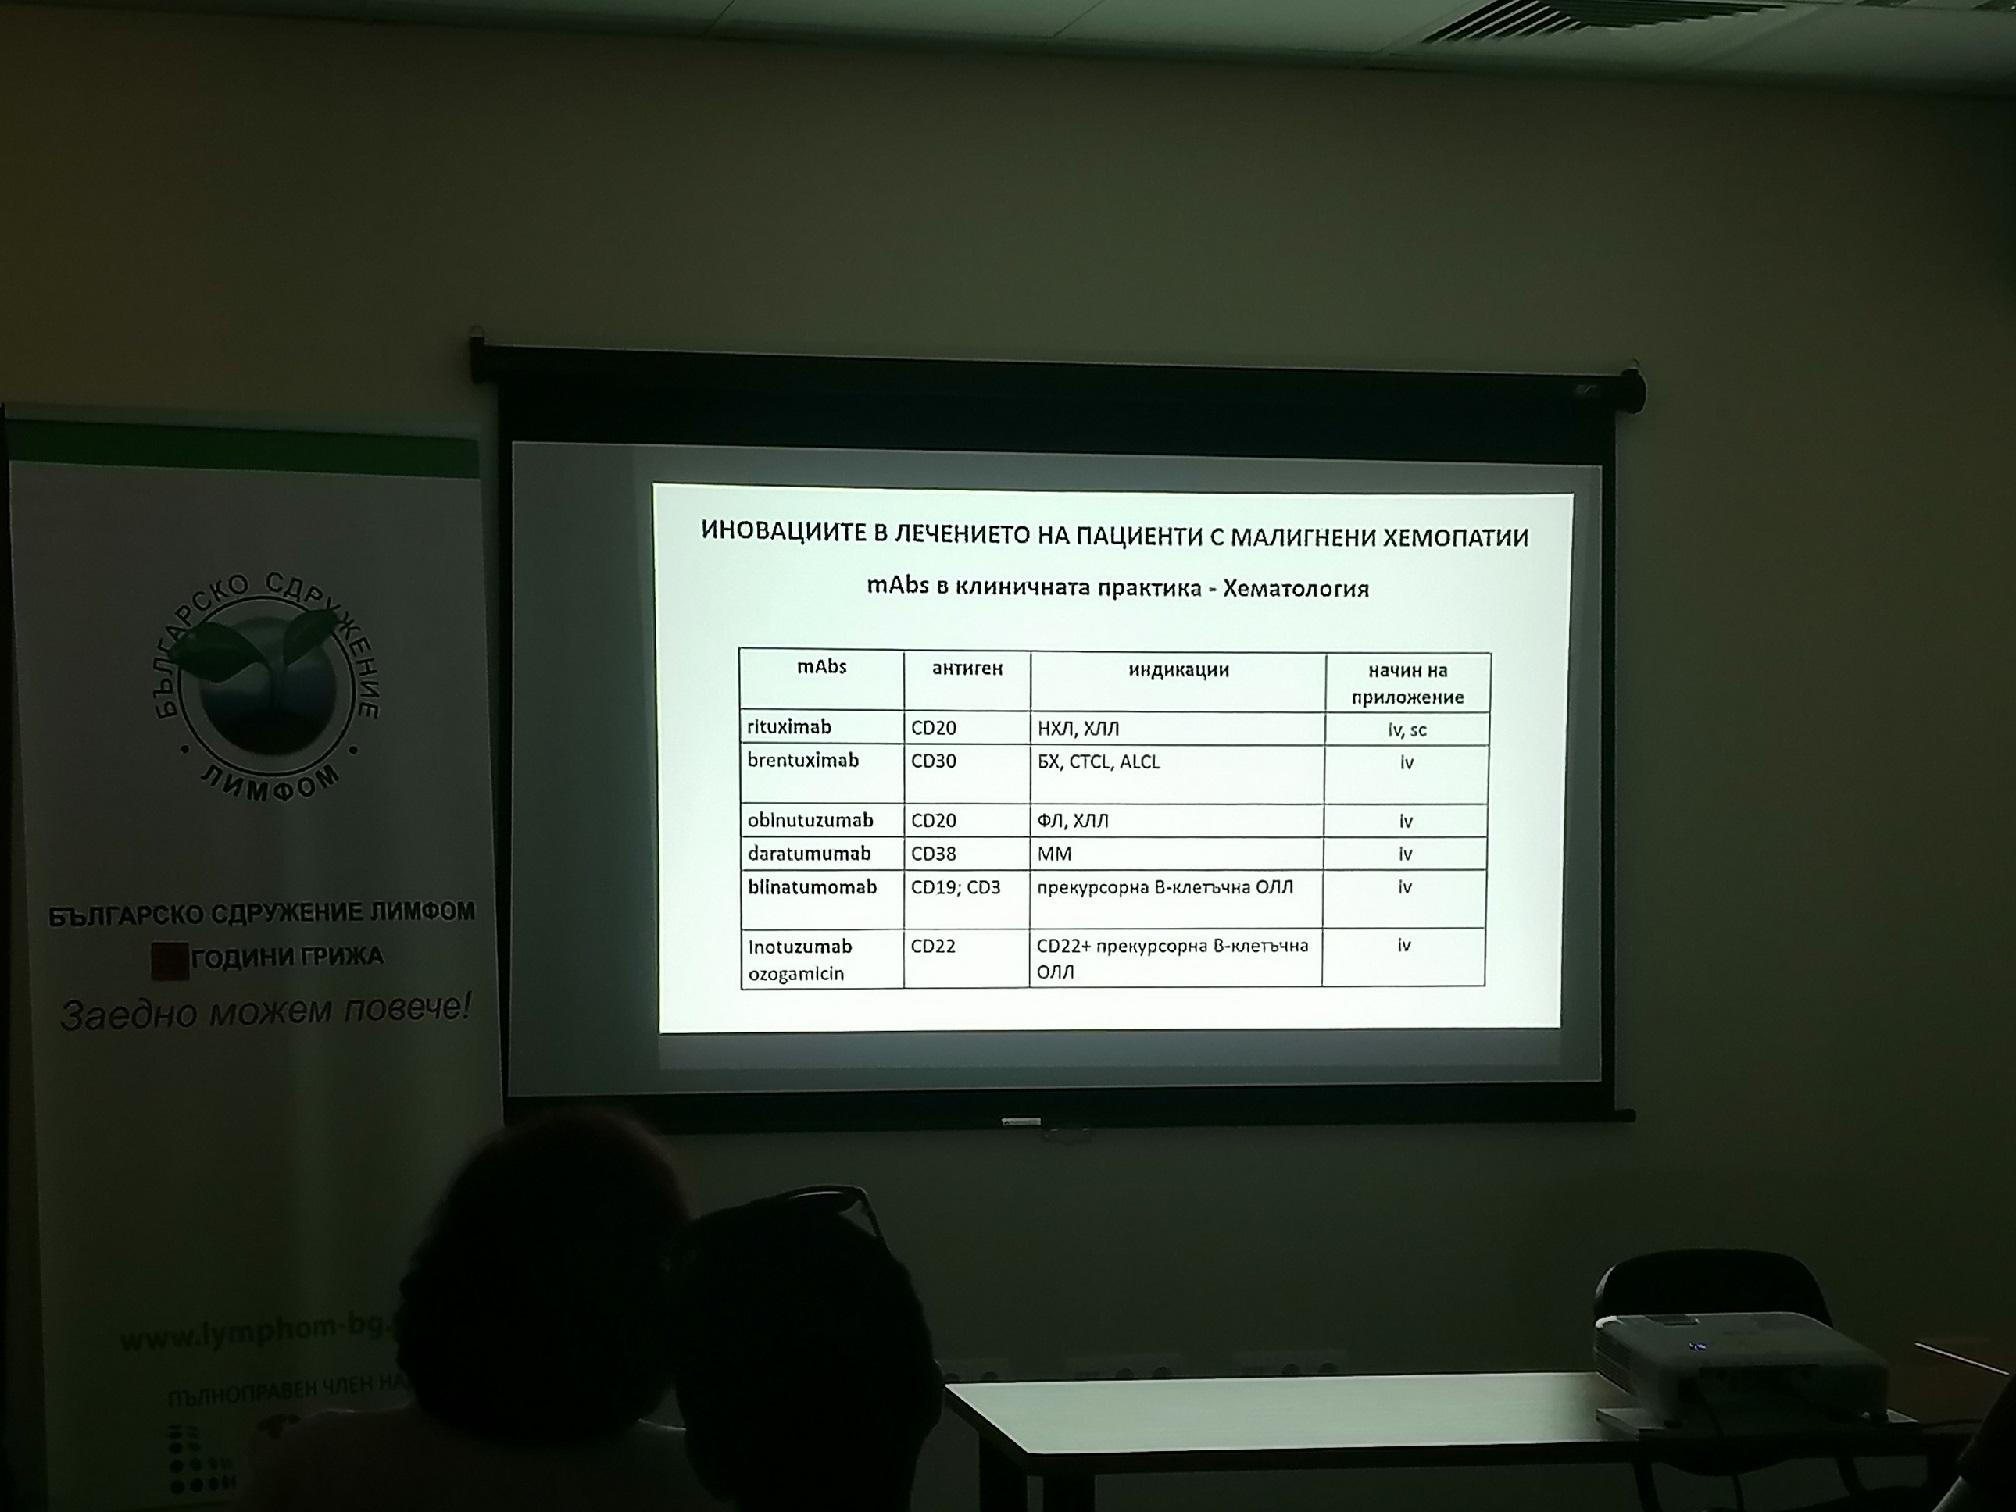 Иновациите в хематологията - моноклонални антитела